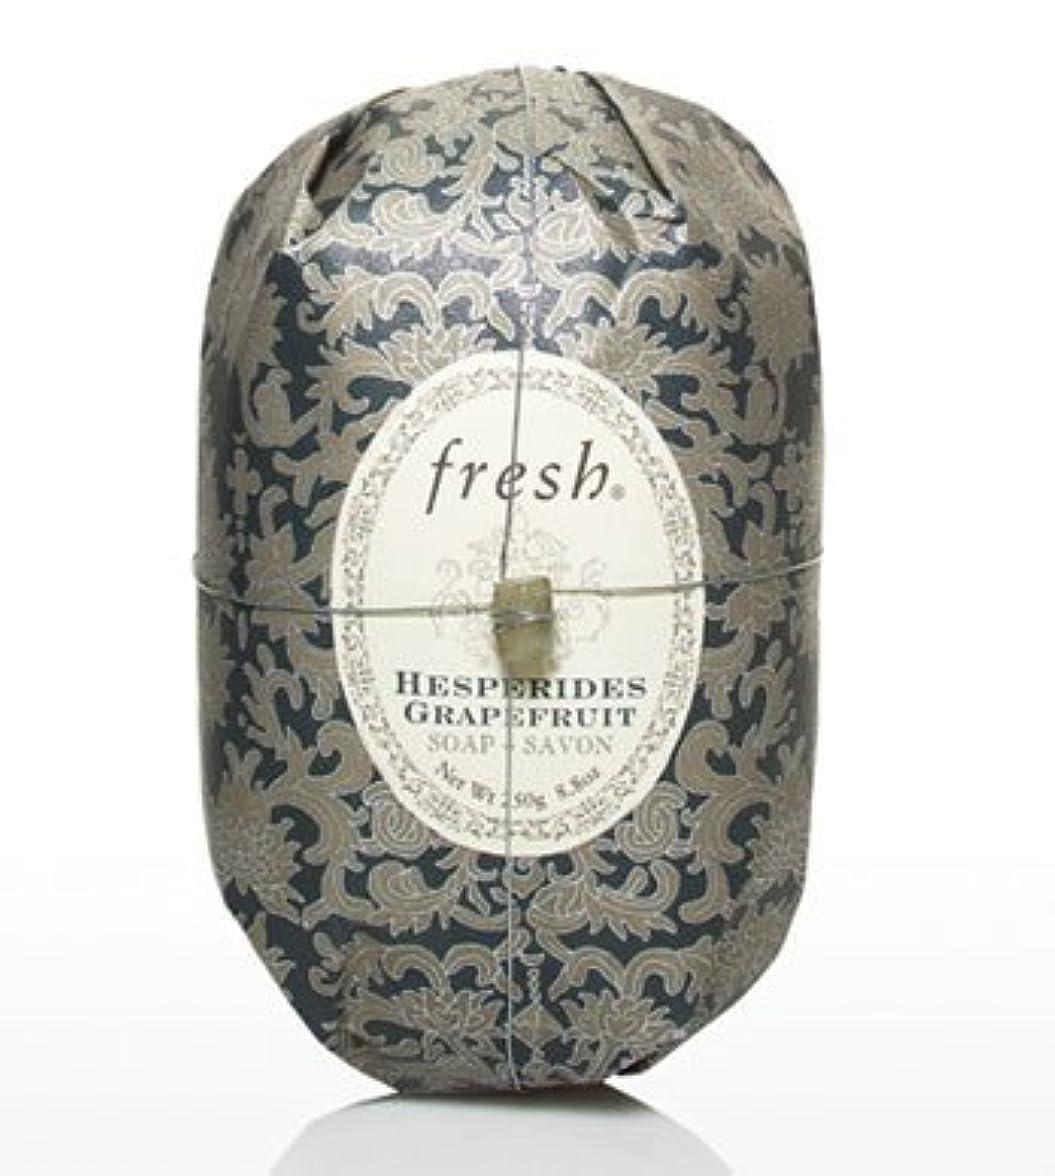 蒸し器リボンどちらかFresh HESPERIDES GRAPEFRUIT SOAP (フレッシュ ヘスペリデス グレープフルーツ ソープ) 8.8 oz (250g) Soap (石鹸) by Fresh